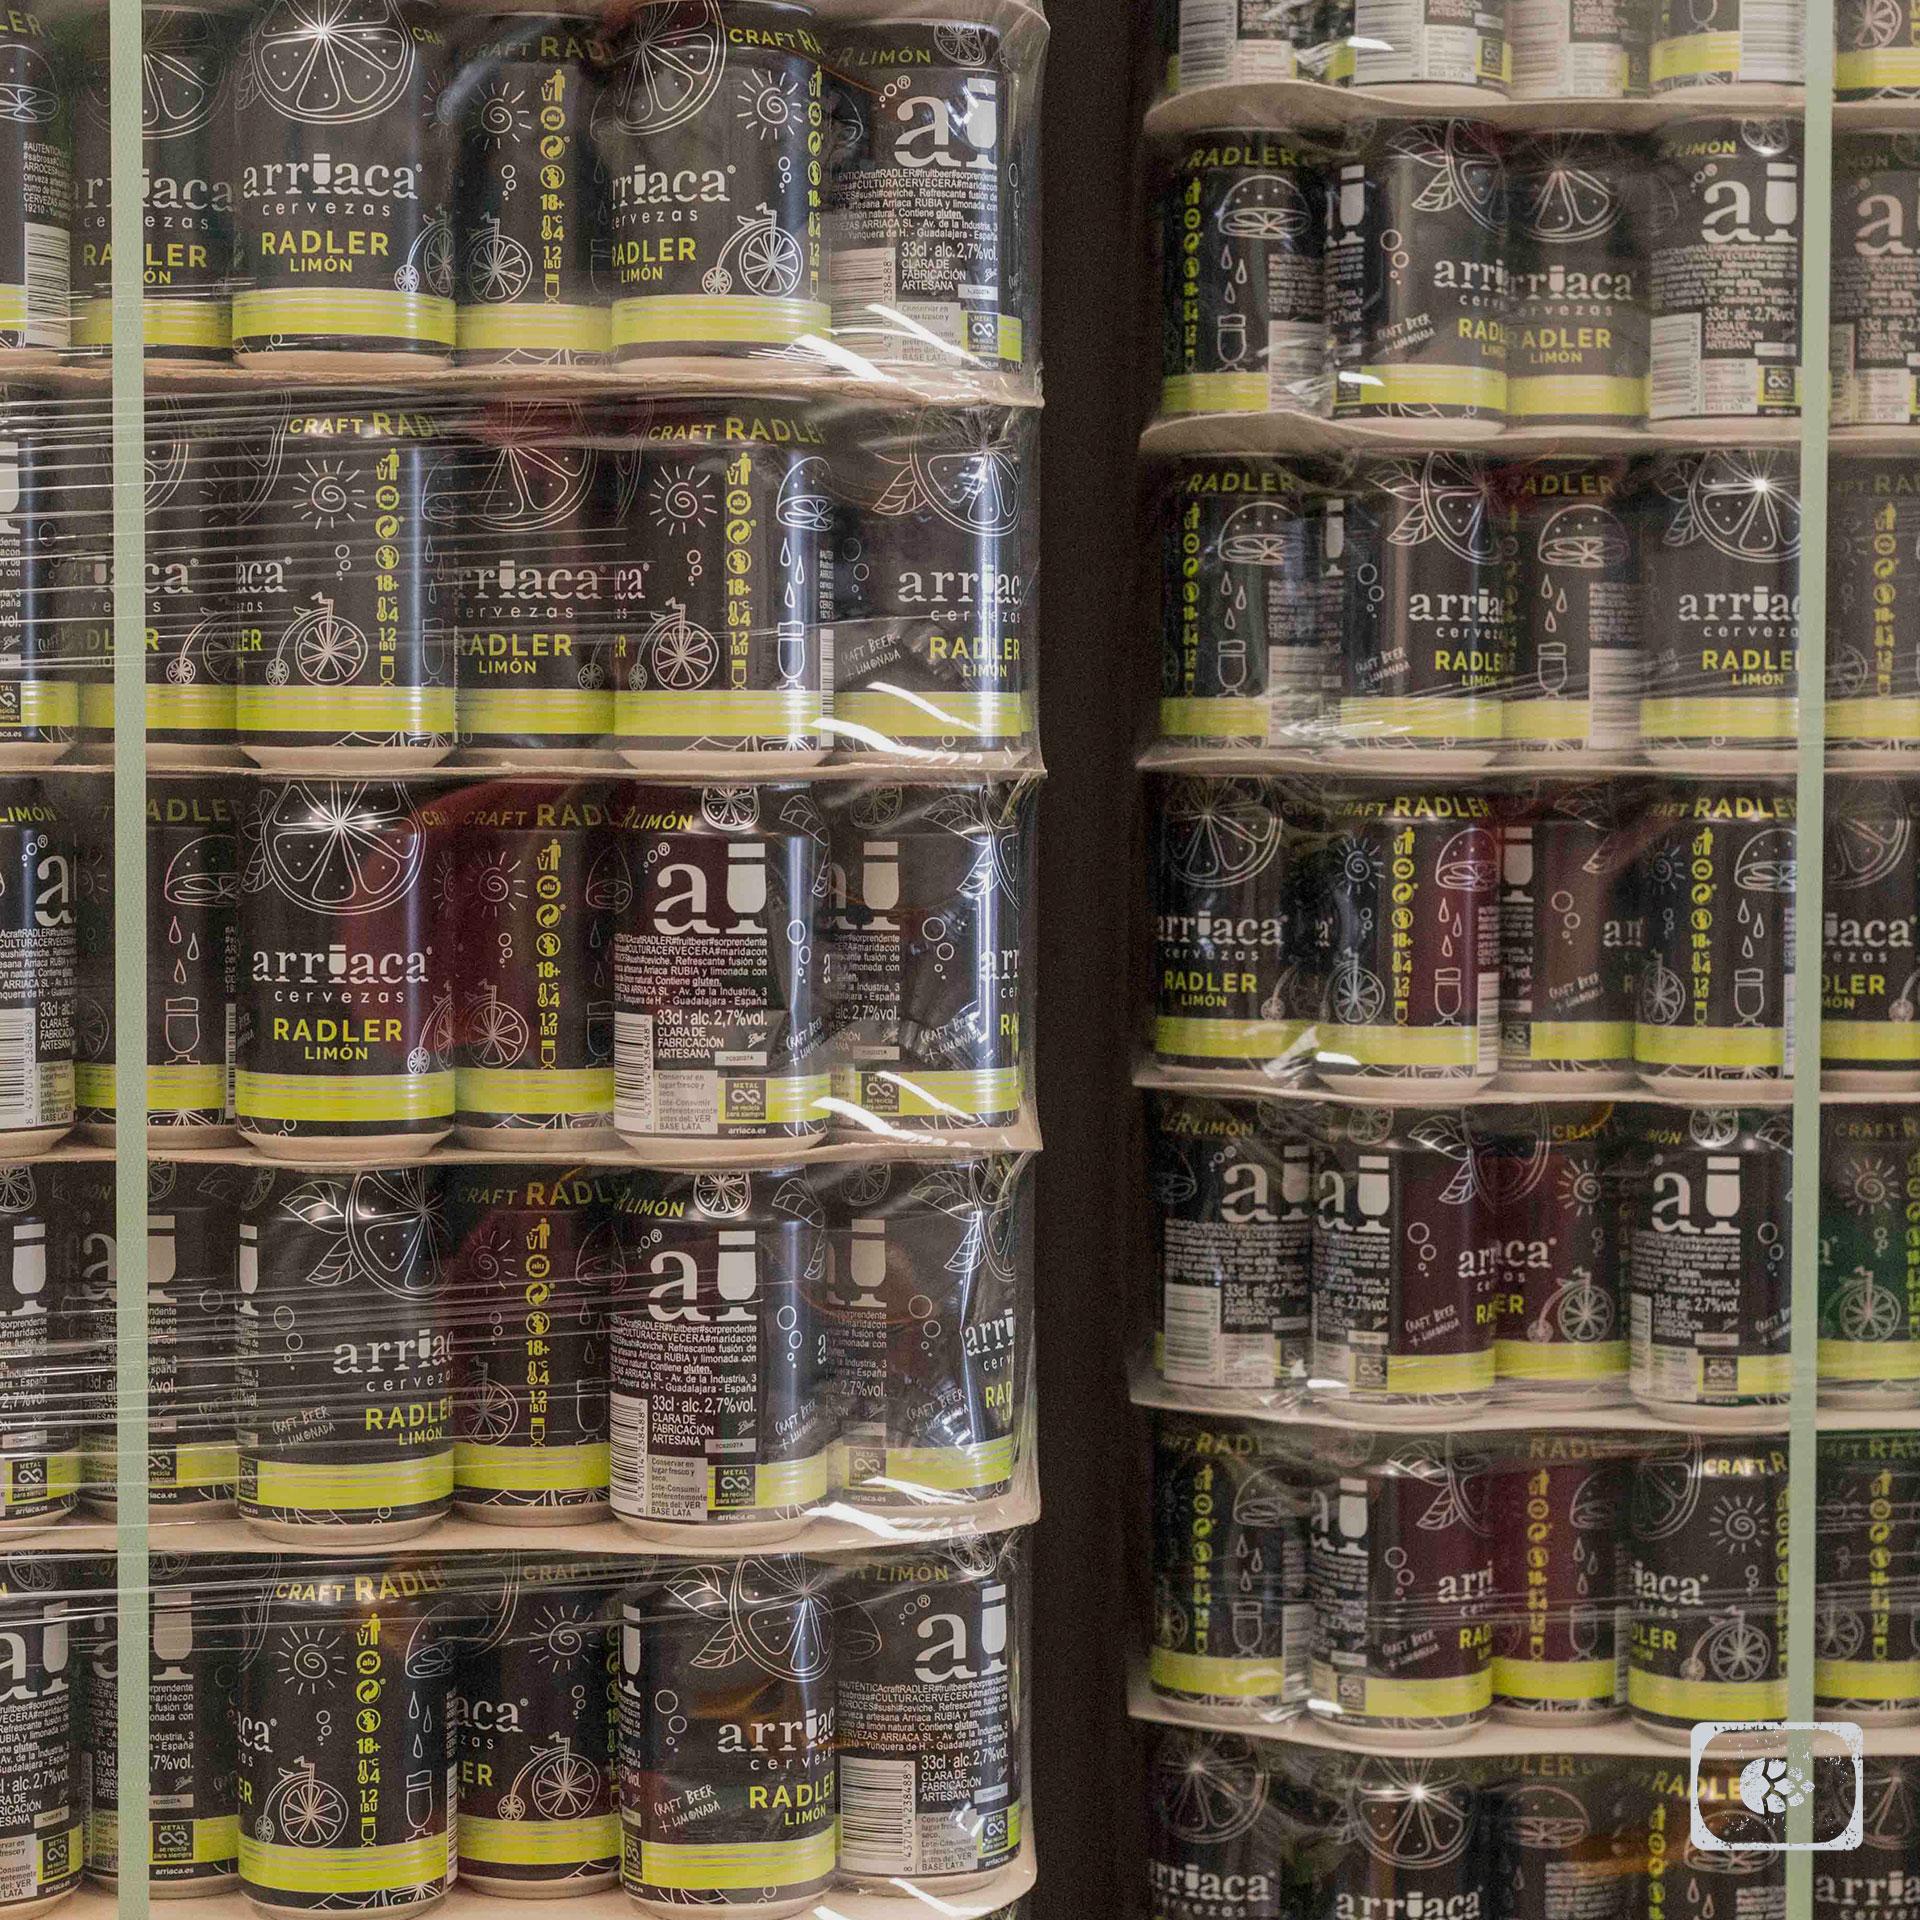 Cervezas Arriaca